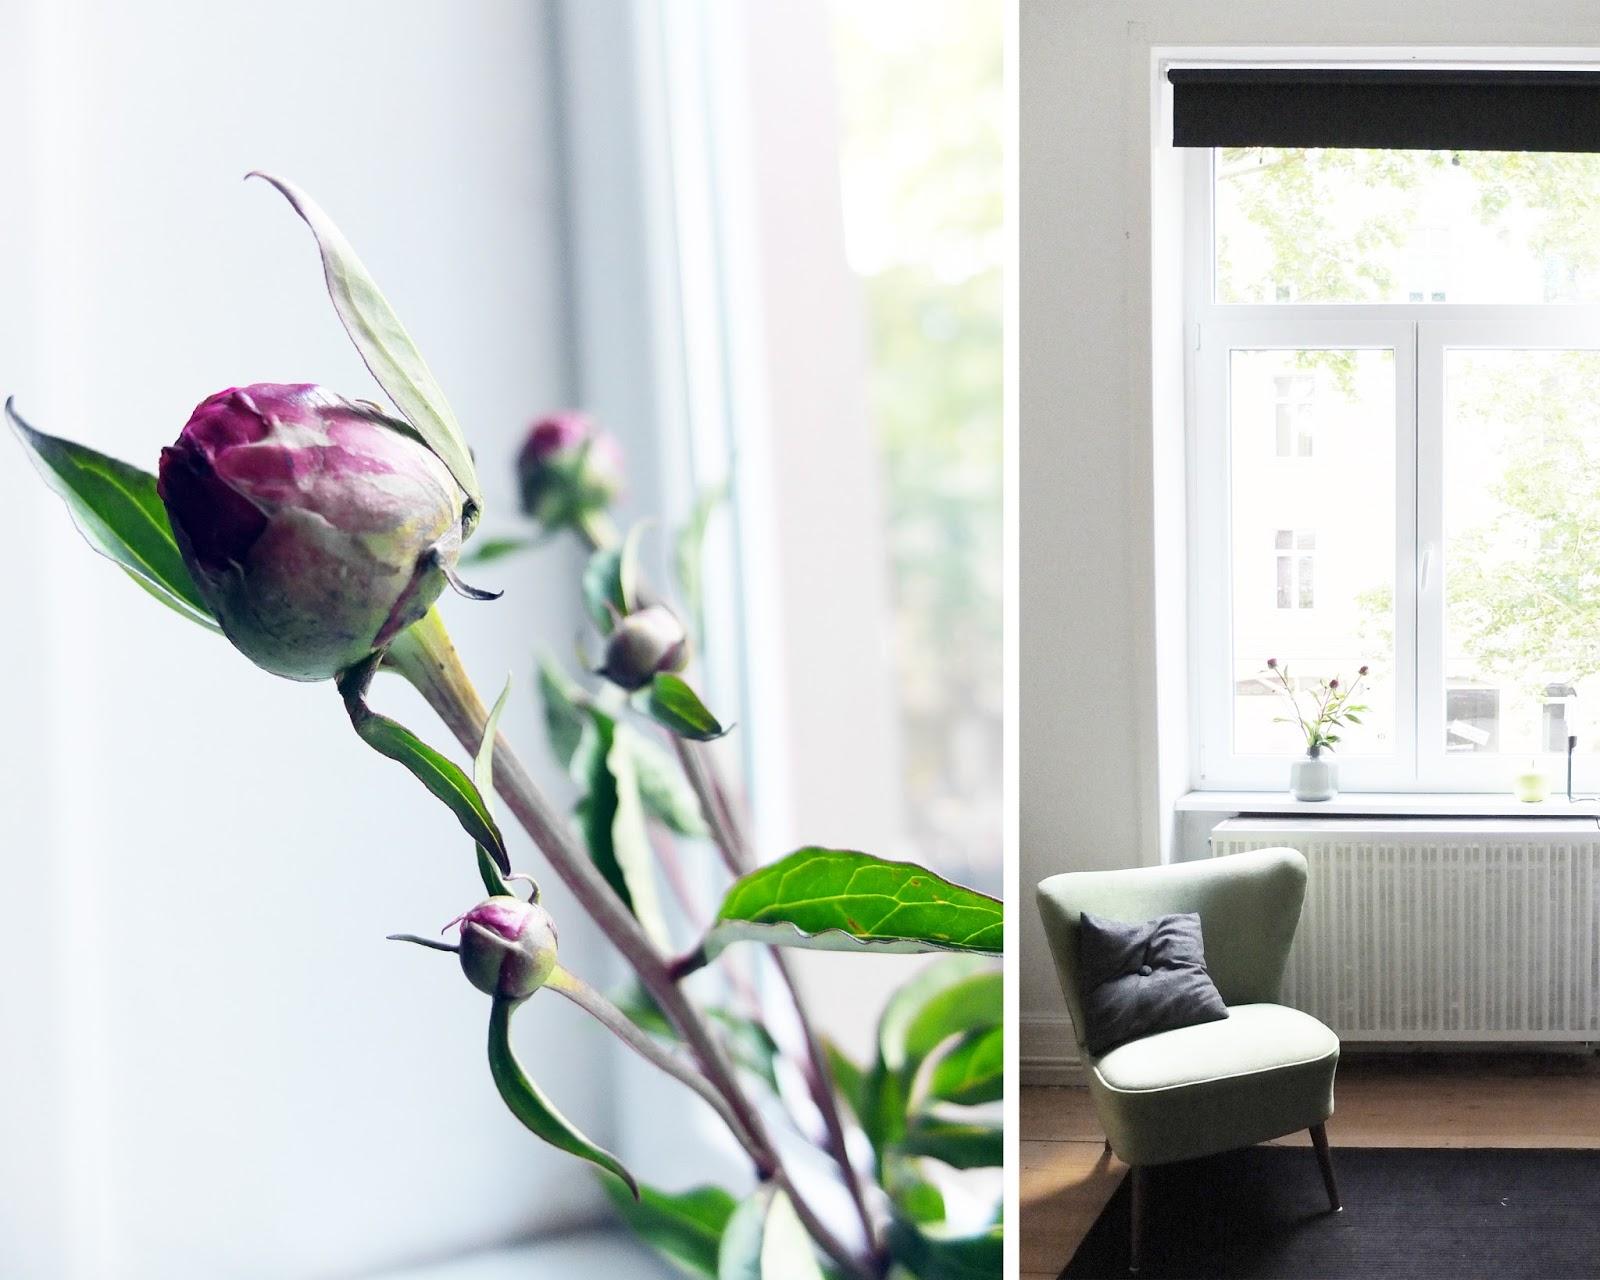 Maulwurfsh gelig friday flowerday im fenster - Fensterbauer frankfurt ...